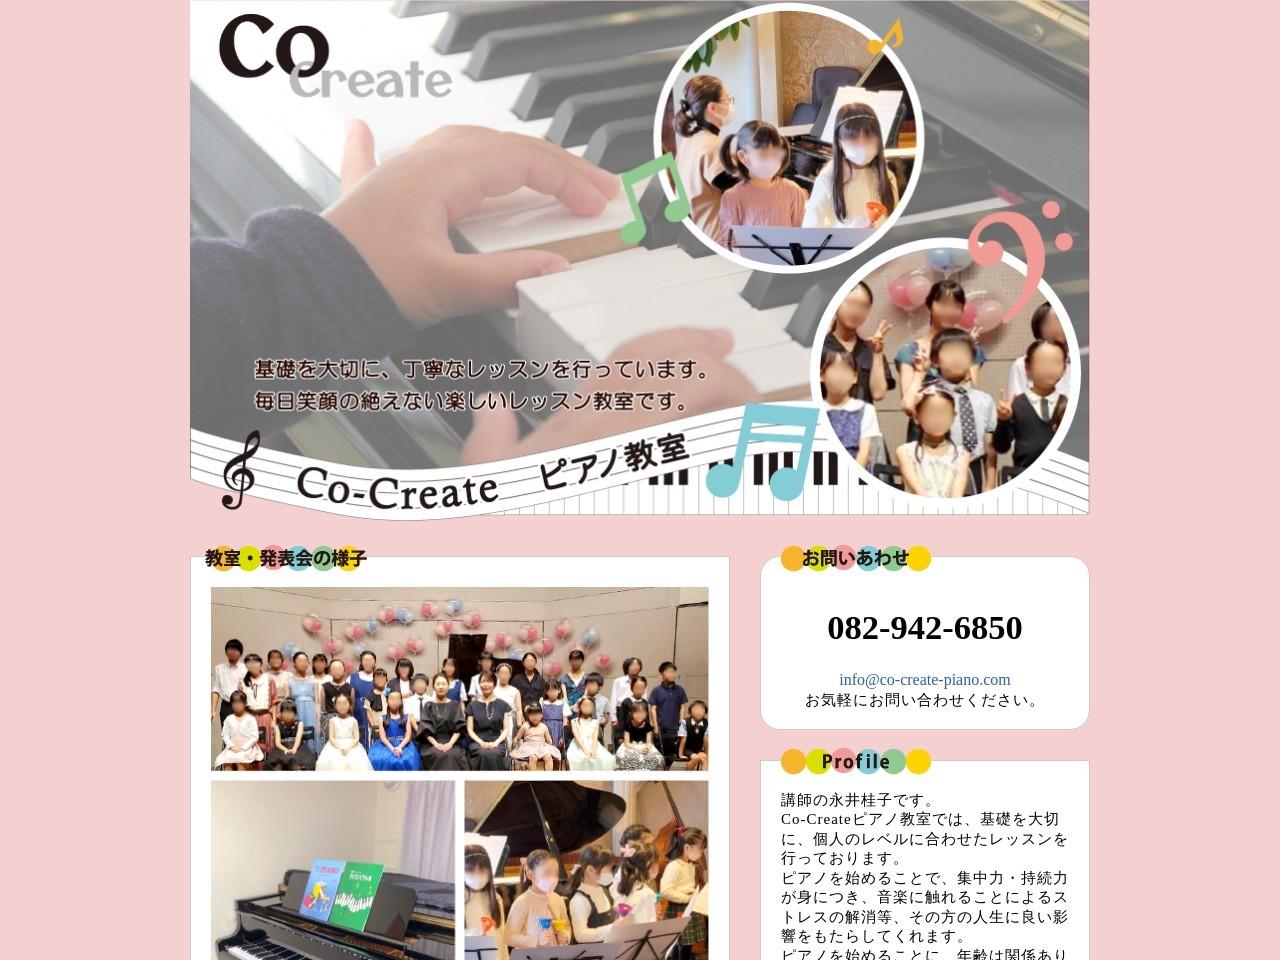 Co-createピアノ教室のサムネイル